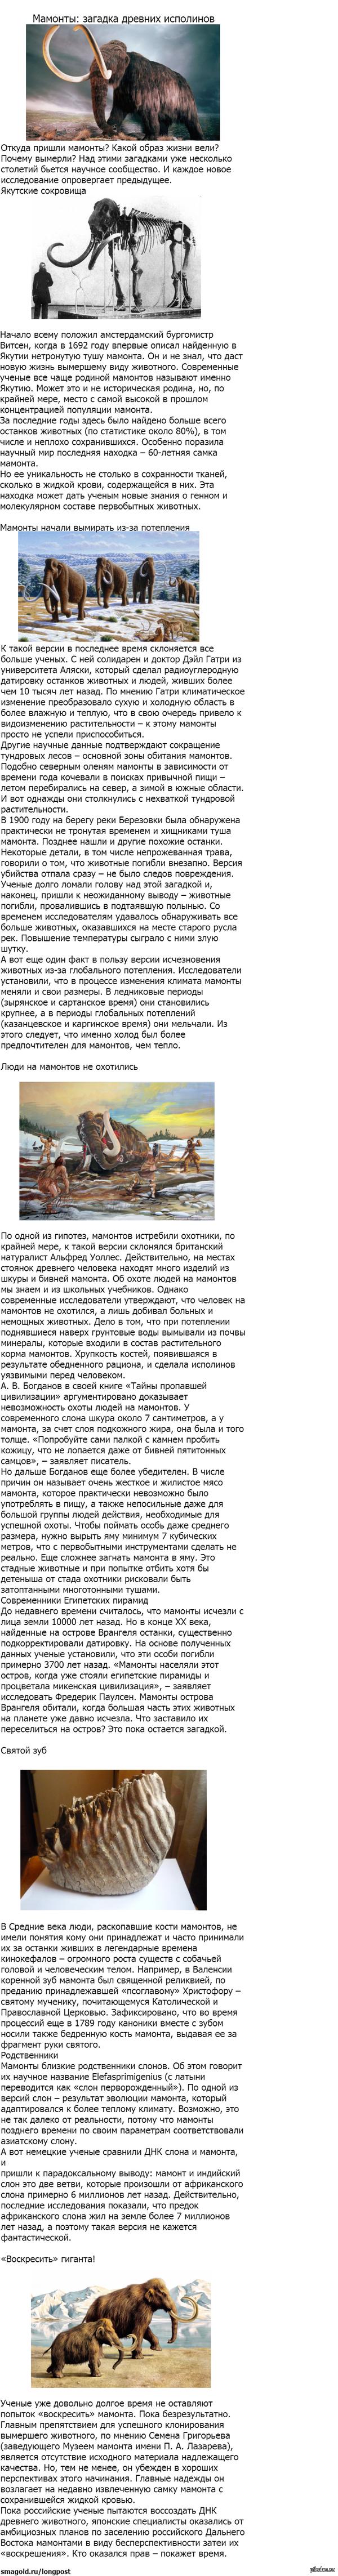 Мамонты: загадка древних исполинов